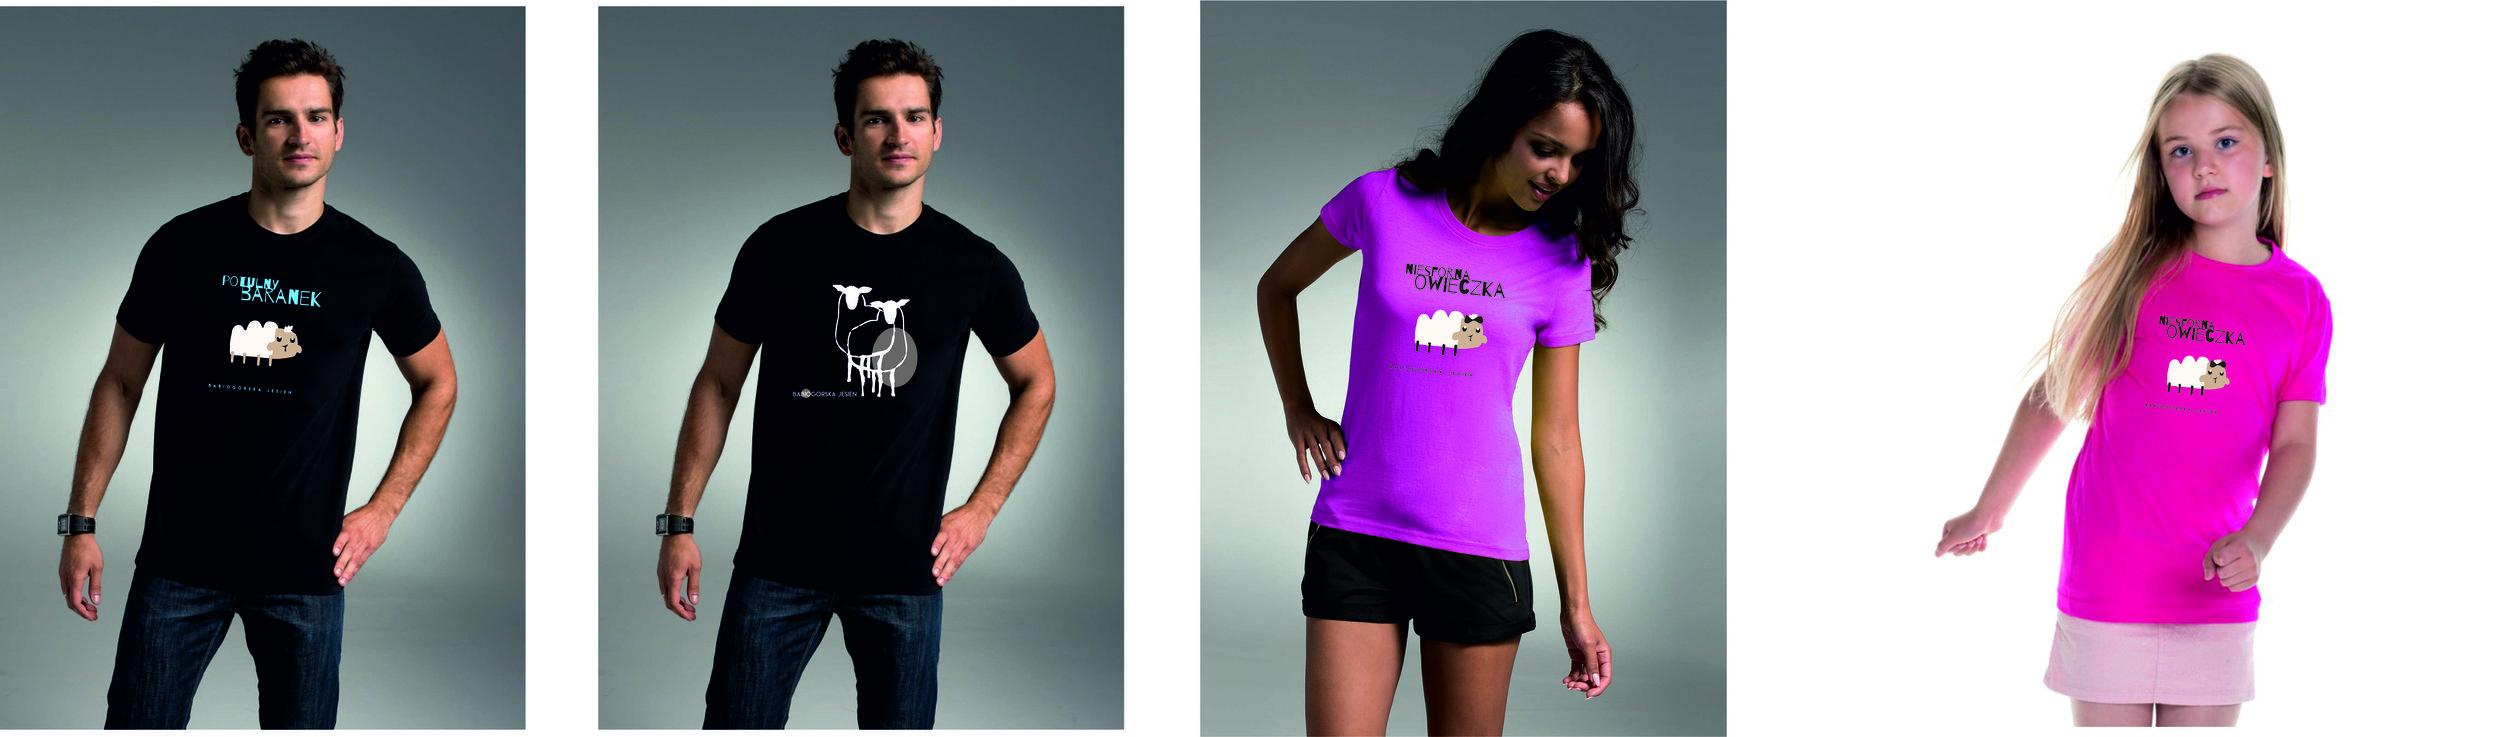 koszulki zawoja.jpg